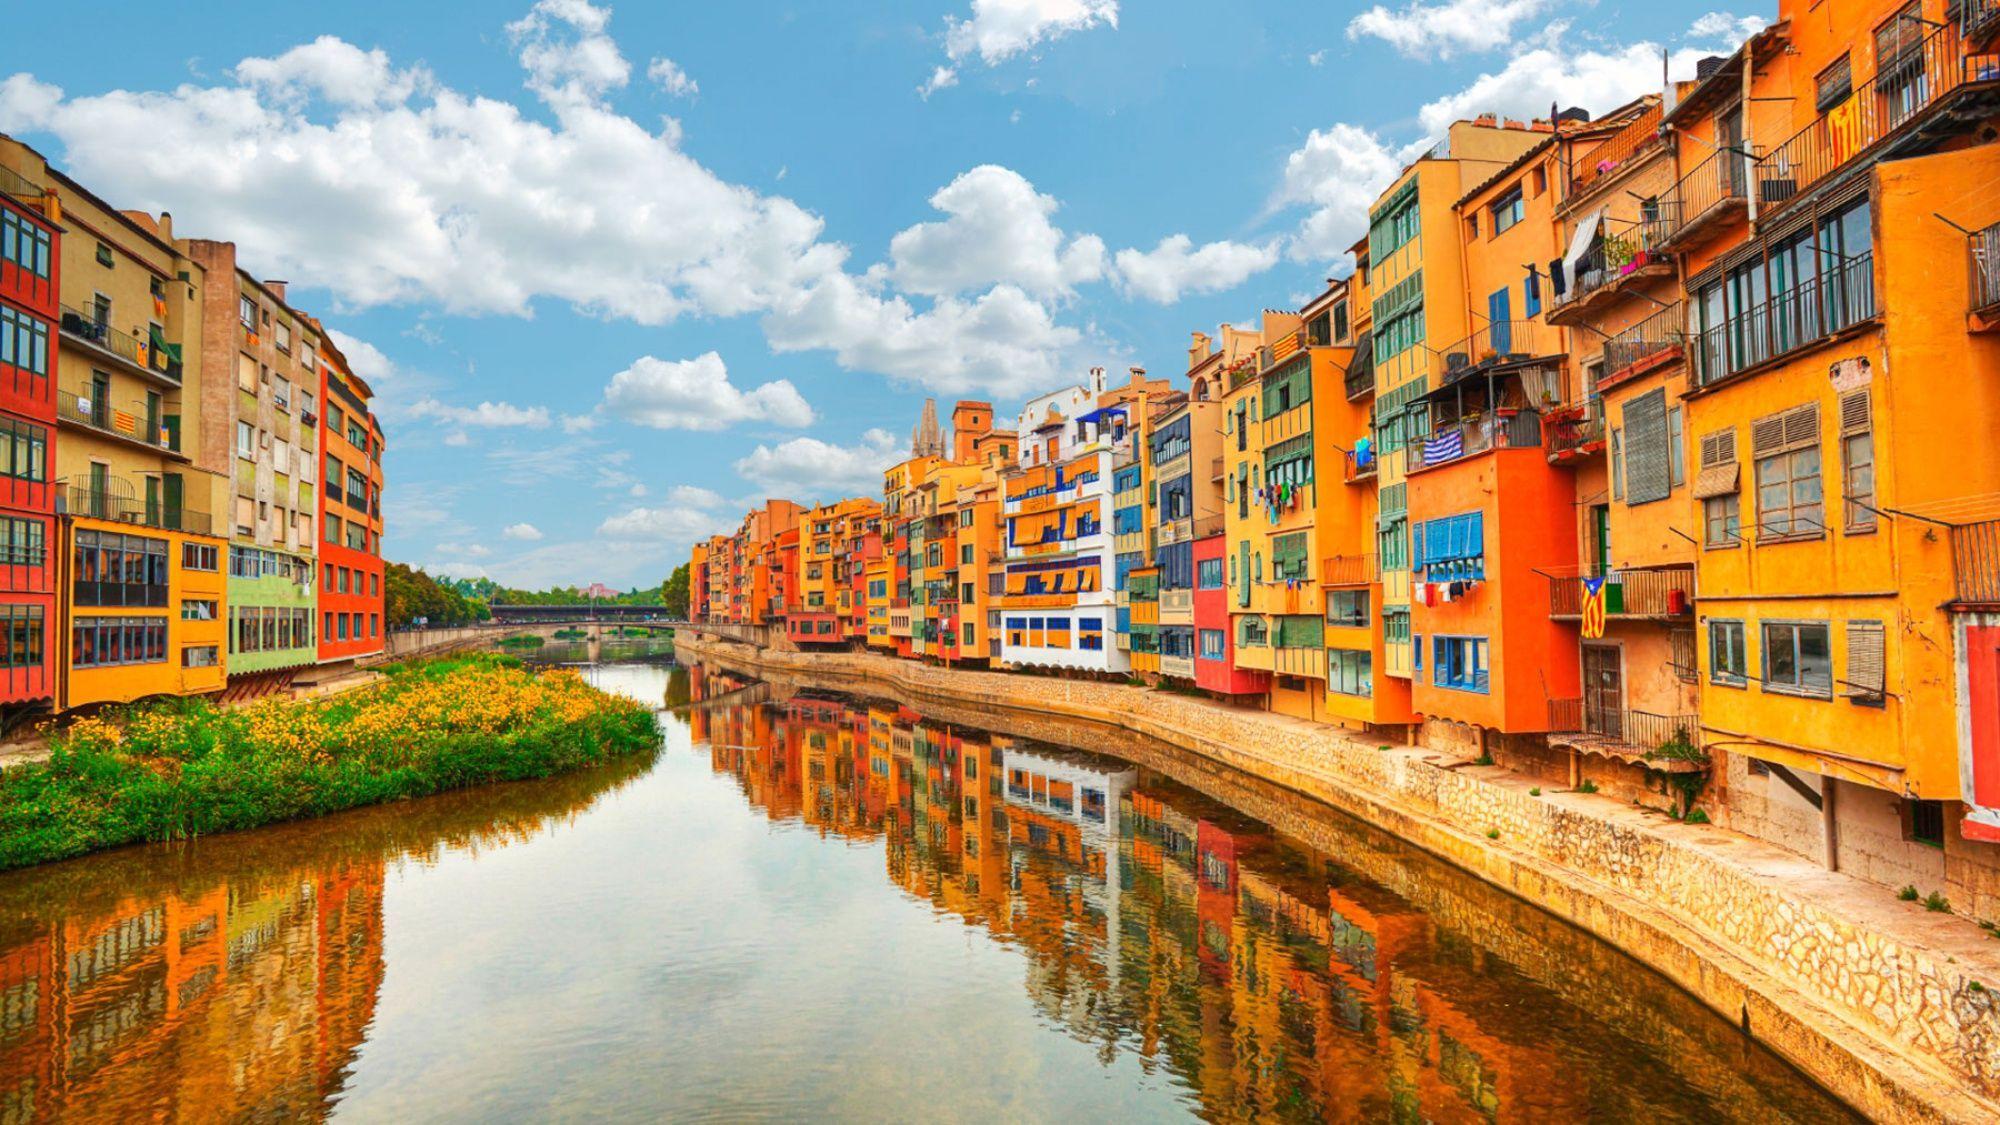 ¿Qué crees que atrae a los turistas a Catalunya?